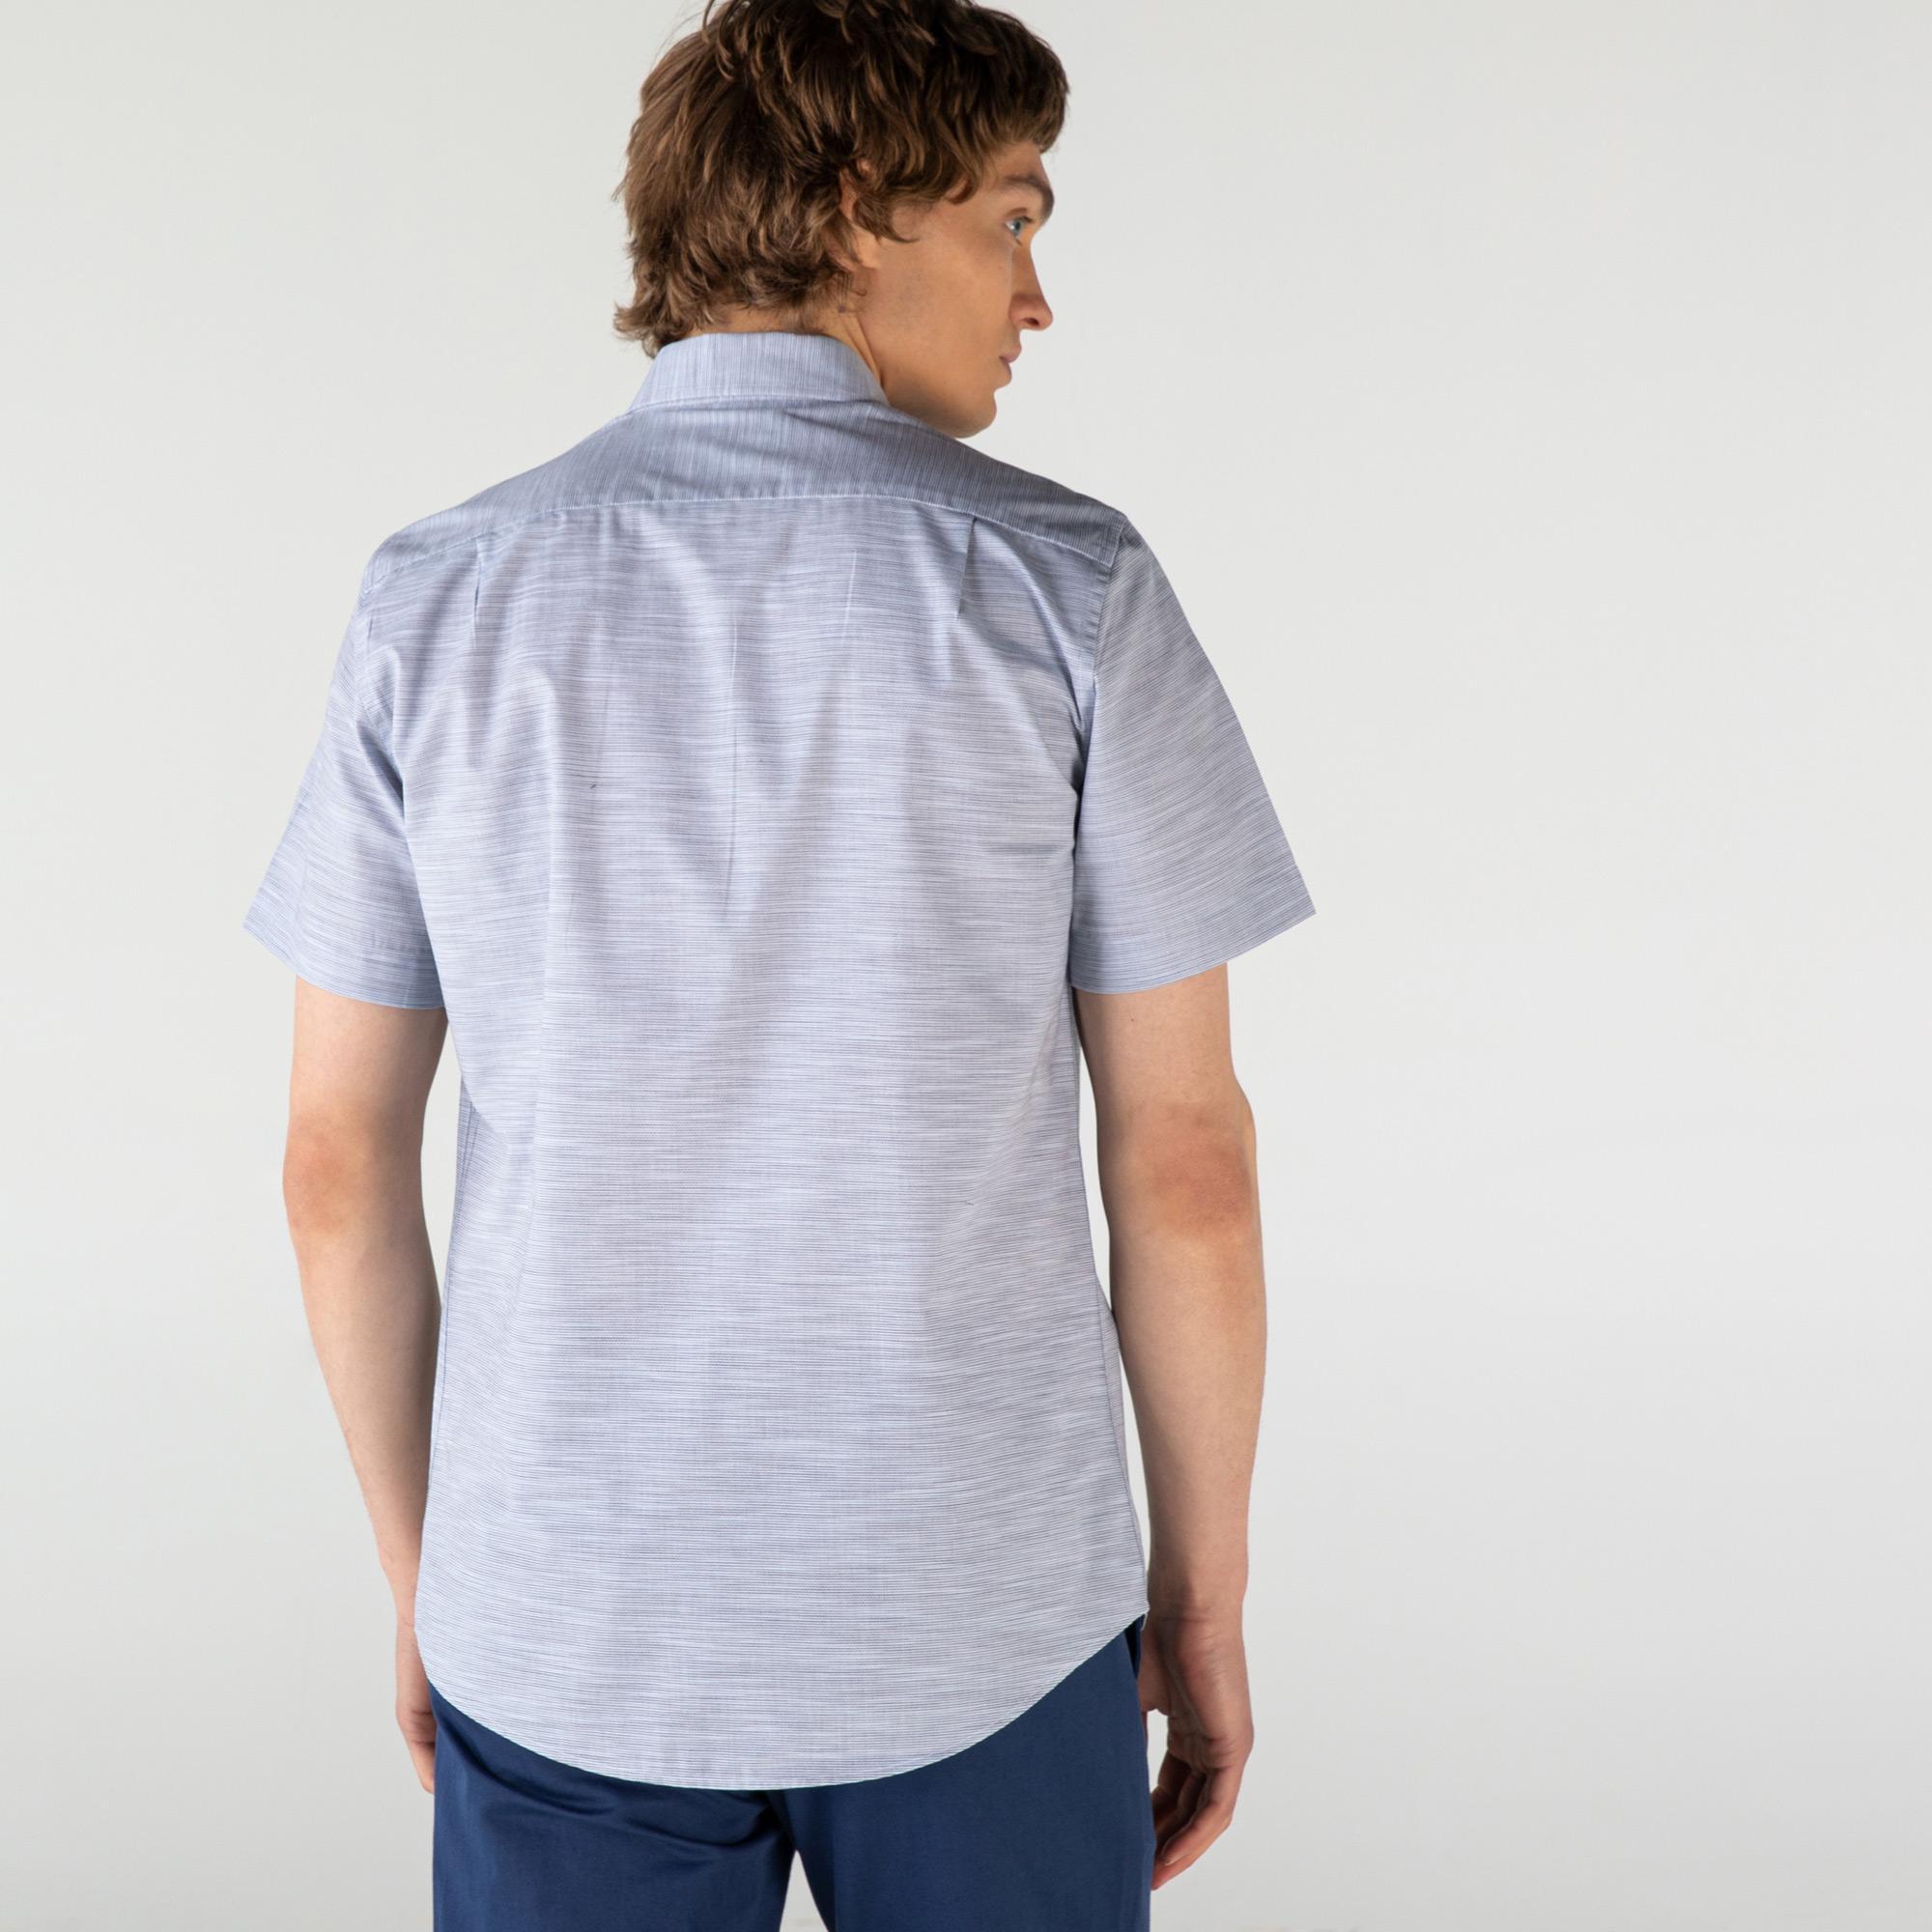 Lacoste Erkek Slim Fit Kısa Kollu Desenli Gri Gömlek